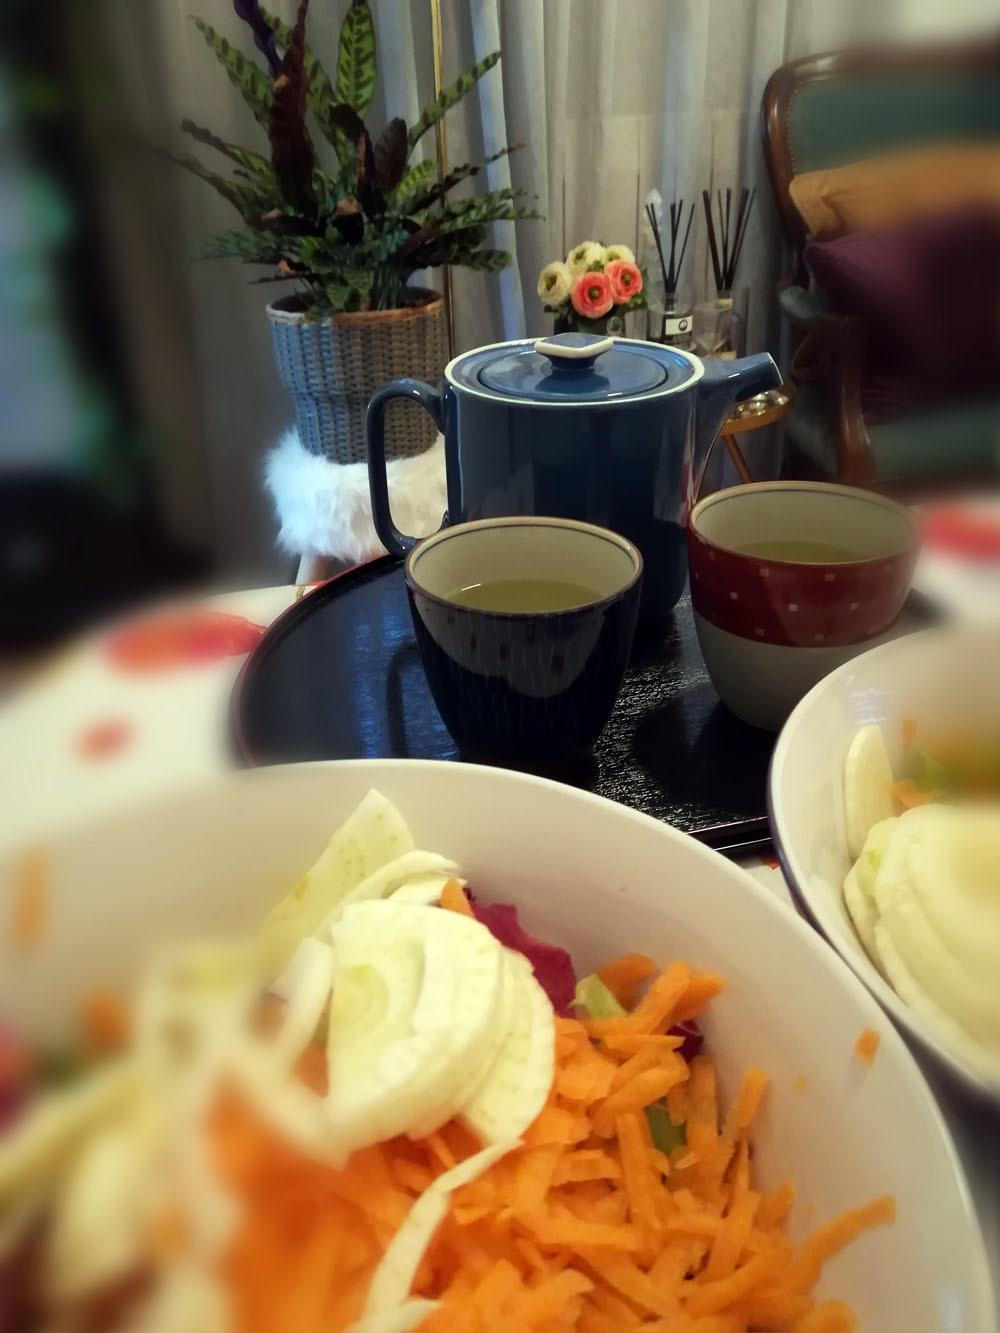 お昼ご飯はinsalatona(大盛りサラダ)_c0179785_04253171.jpg